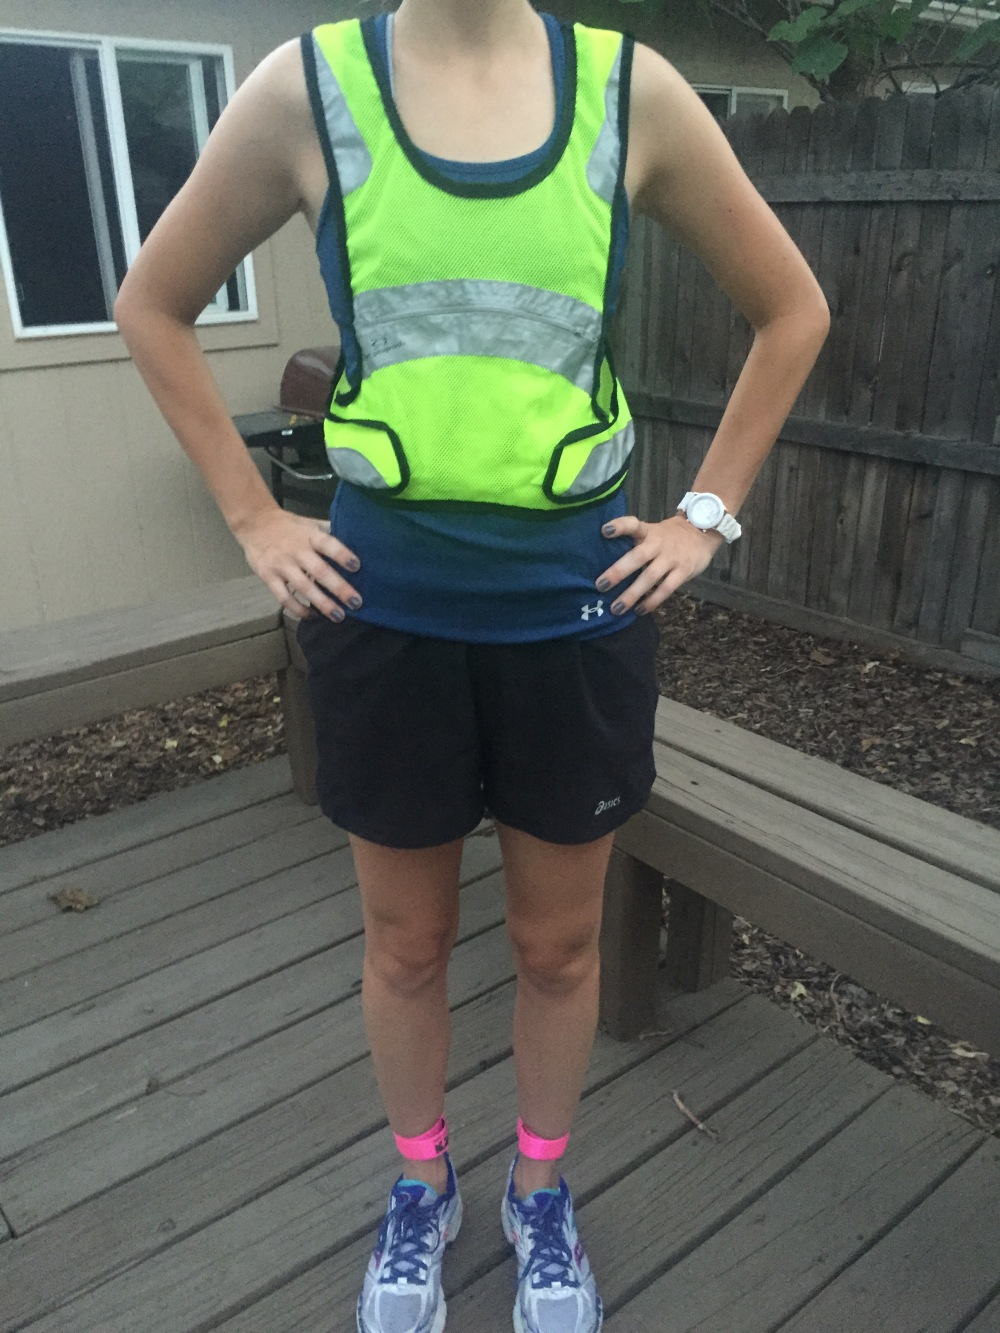 reflective gear for beginner runners 3